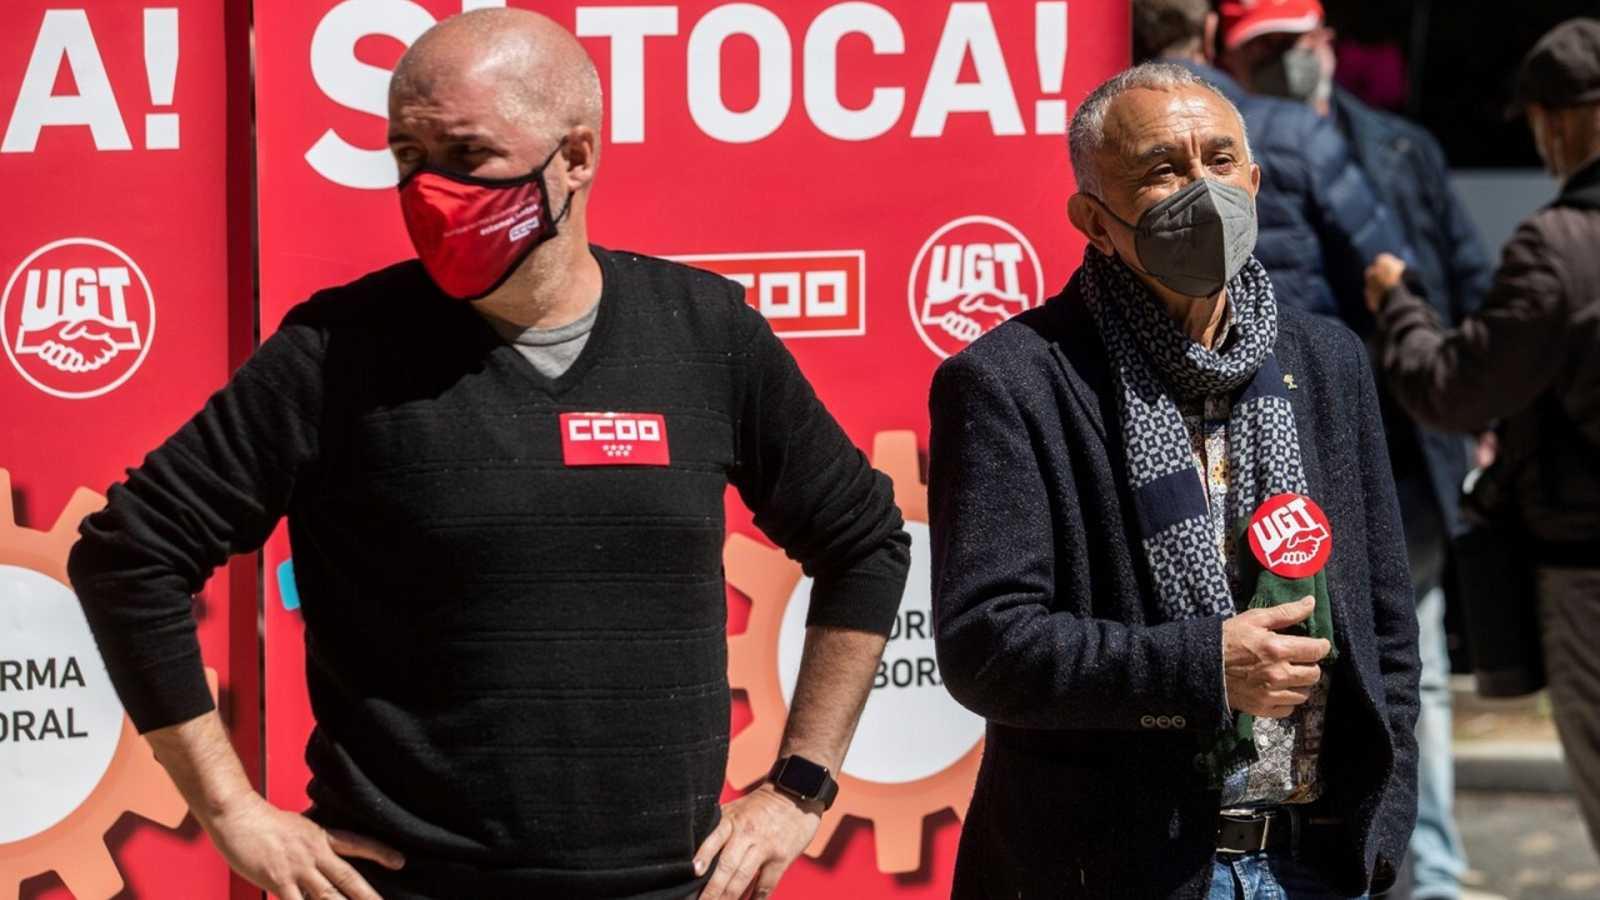 Sindicatos, PP y Unidas Podemos critican la propuesta de reforma de las pensiones del Gobierno - Ver ahora